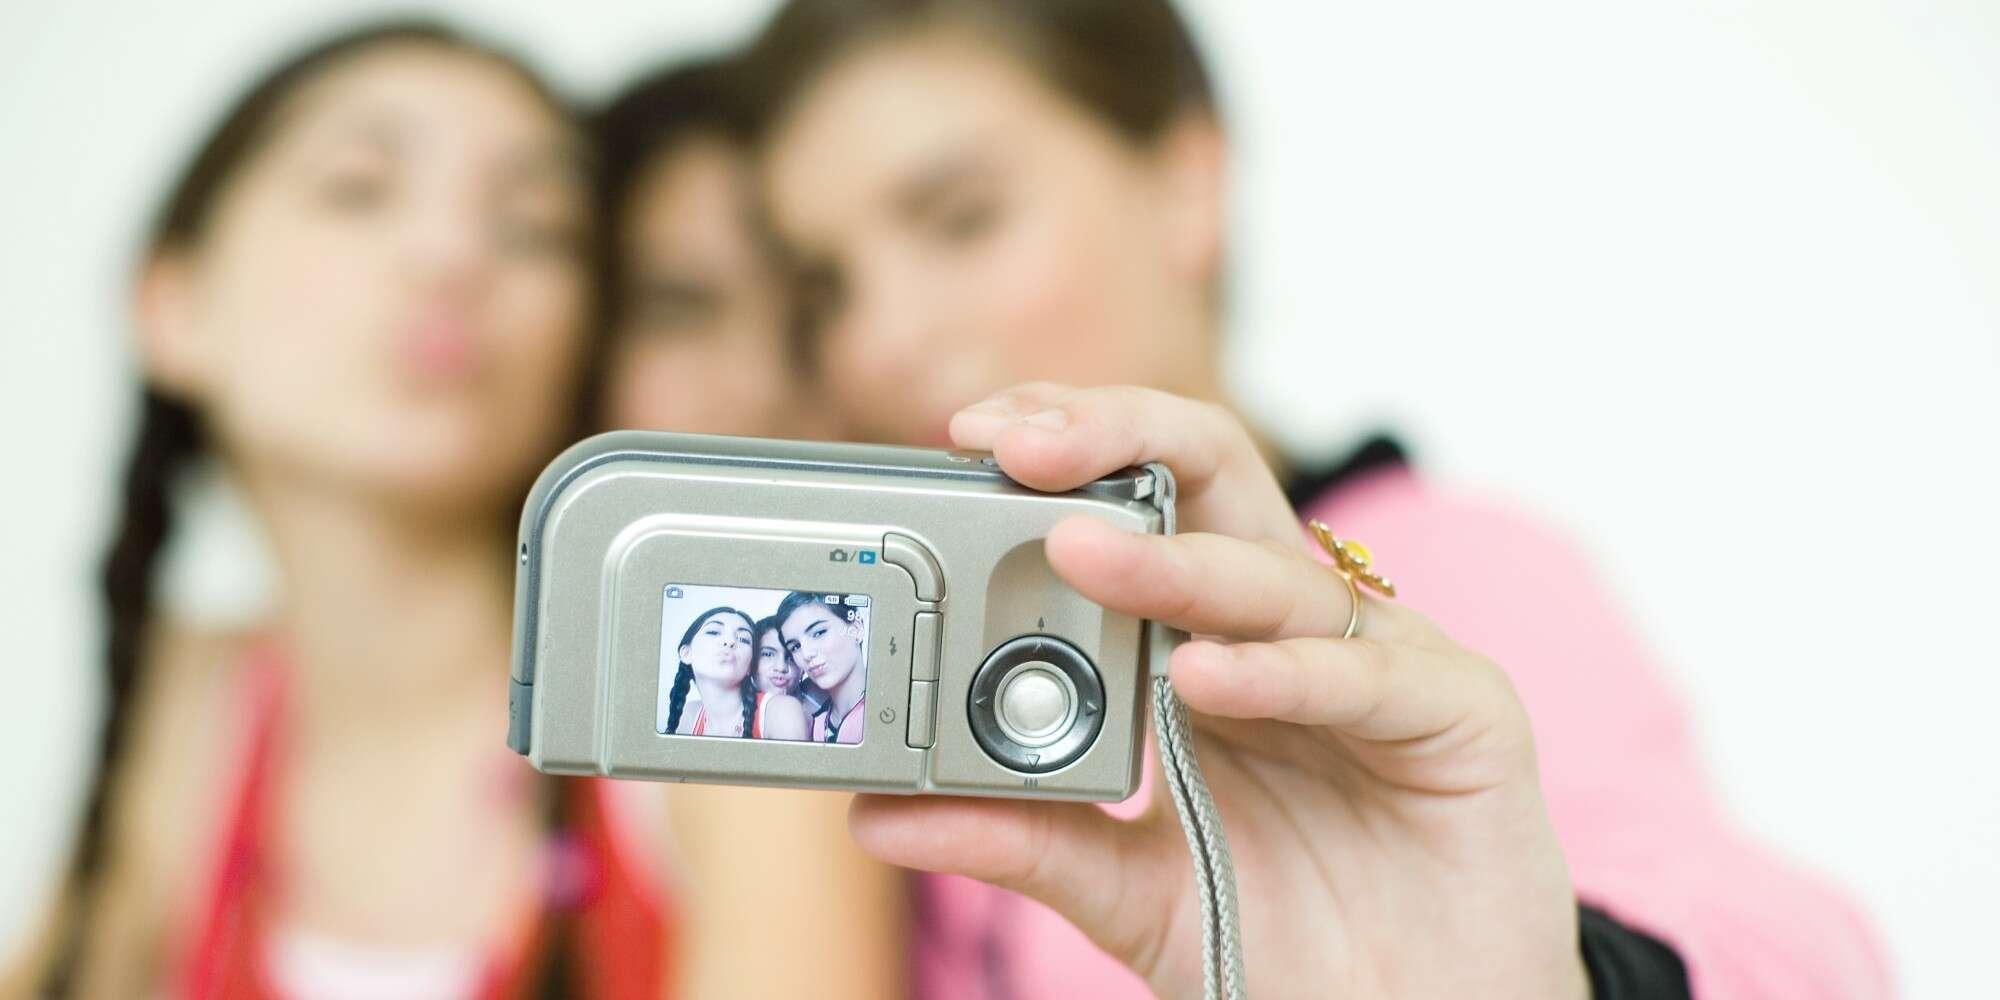 Faculdade oferece curso para tirar o selfie perfeito